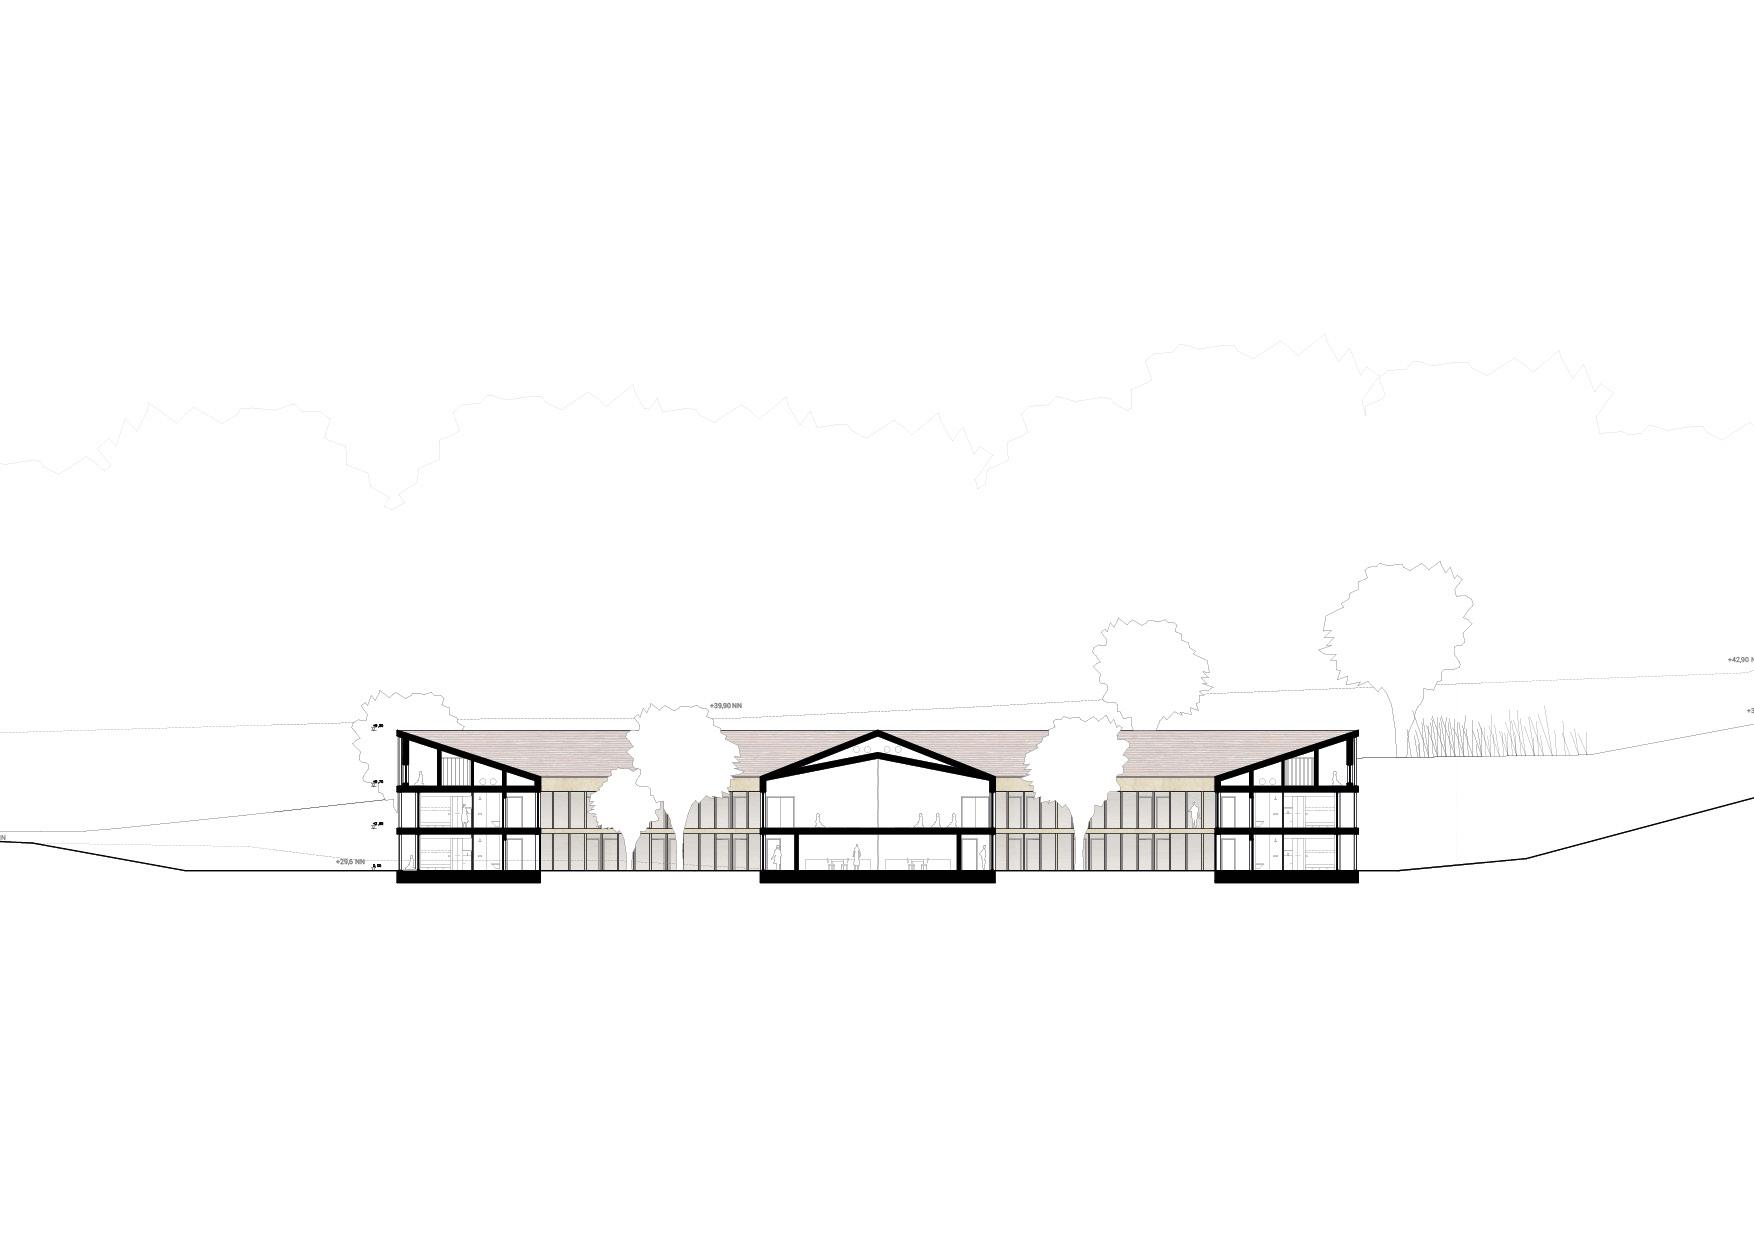 KUBIK Architektur - Studio für Architektur Berlin - architecture - Projekt - Meditationszentrum - Schnitt